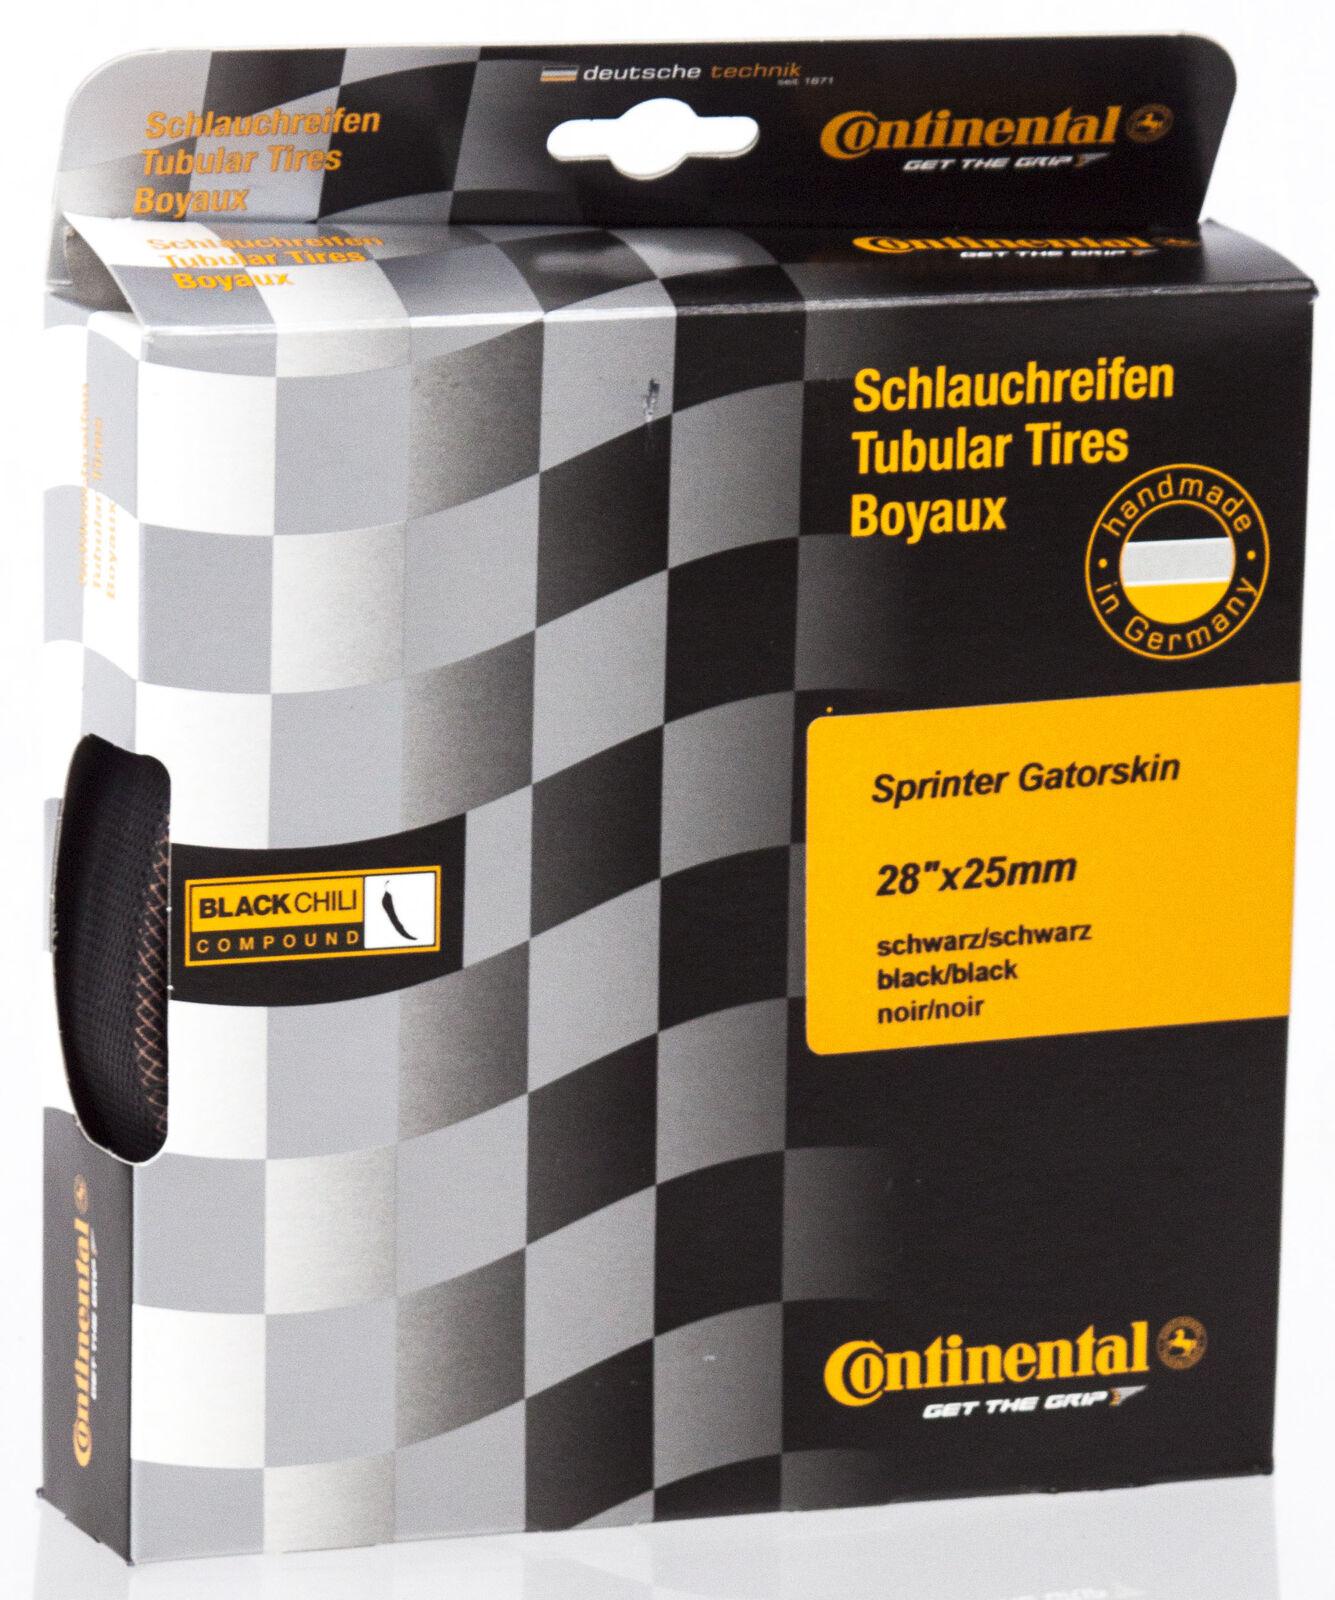 NEW 2018 Continental Sprinter Gatorskin Tubular Road Bike Tire Black 28 x 25mm